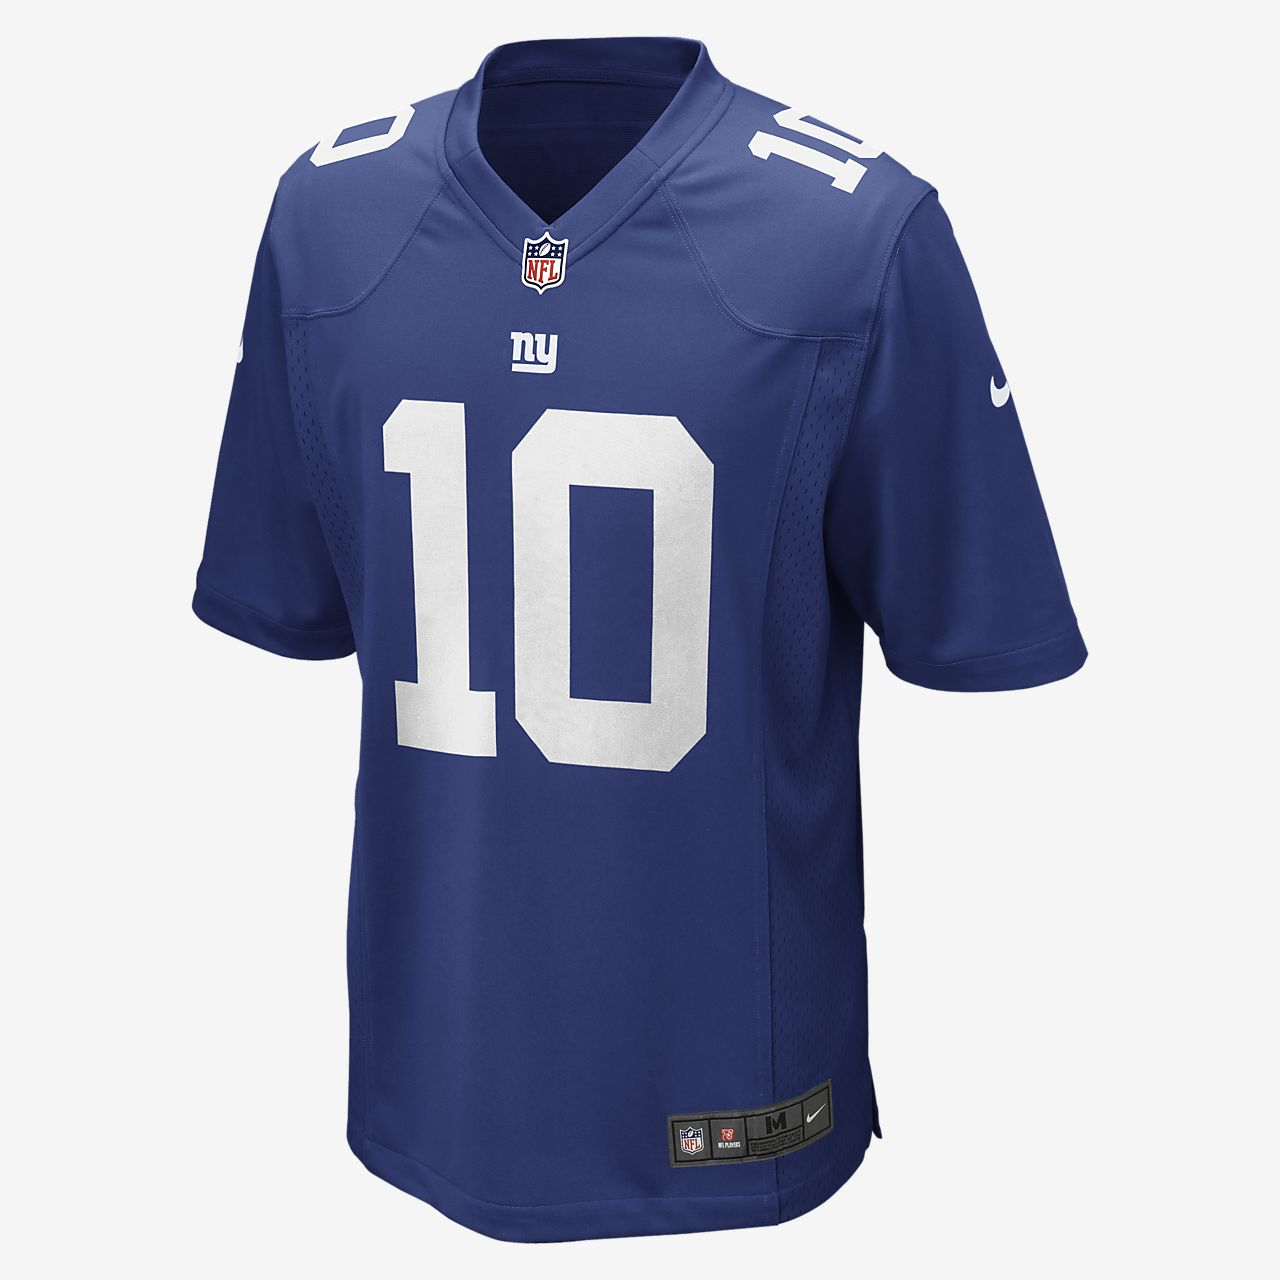 NFL New York Giants (Eli Manning) Samarreta de futbol americà de la primera equipació - Home